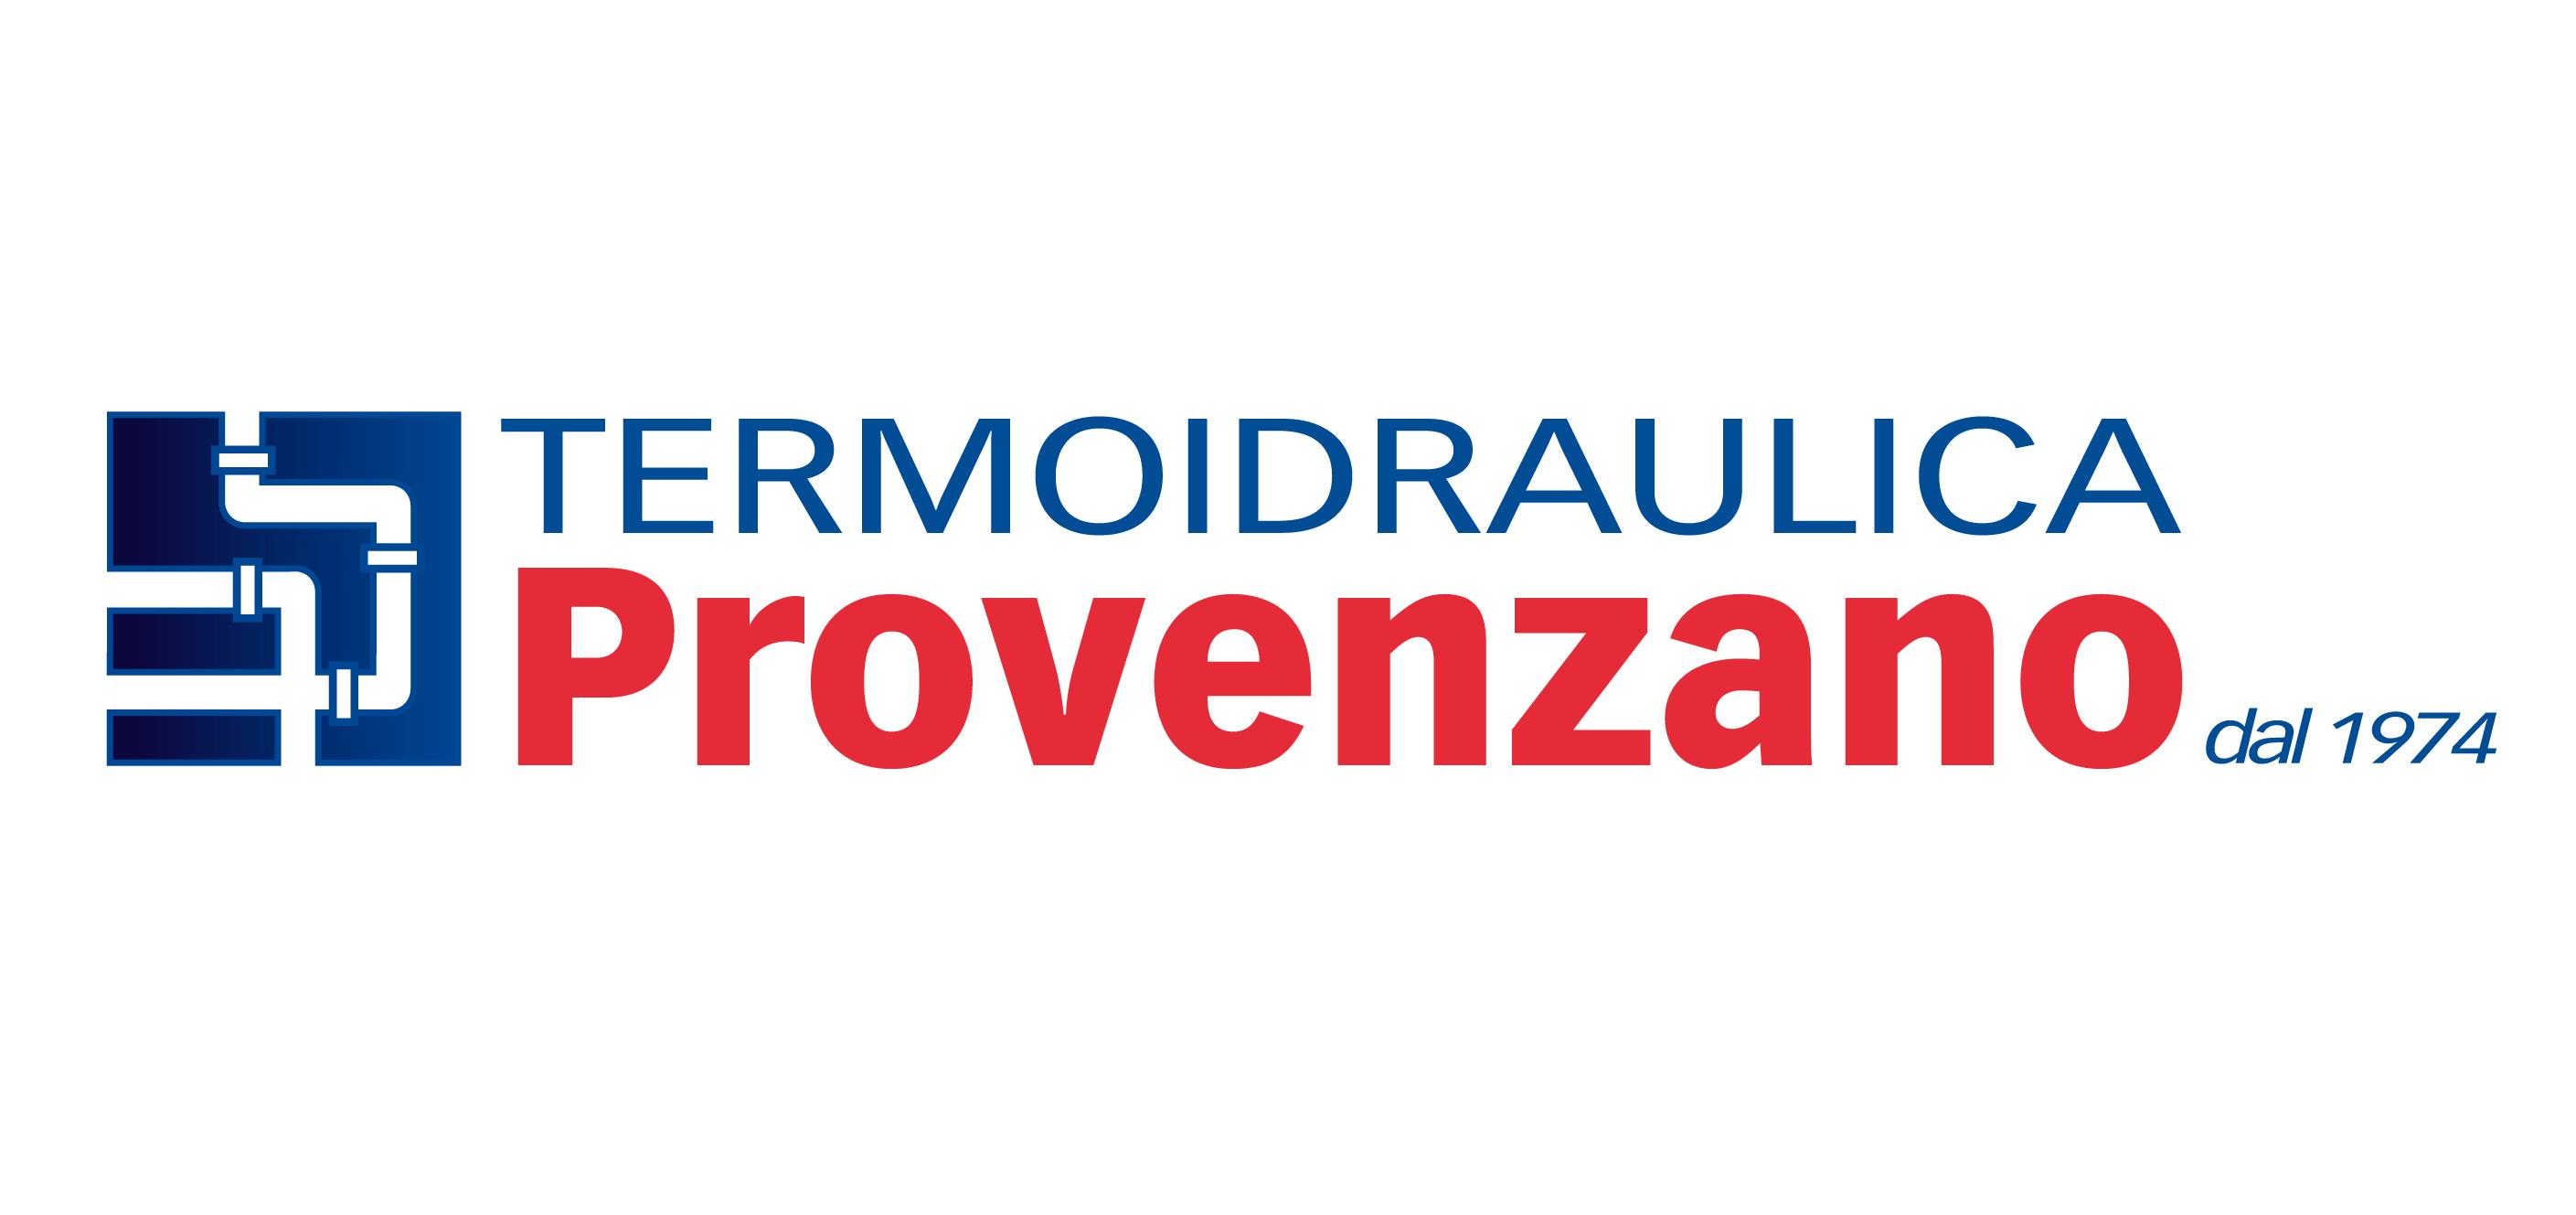 Termoidraulica Provenzano